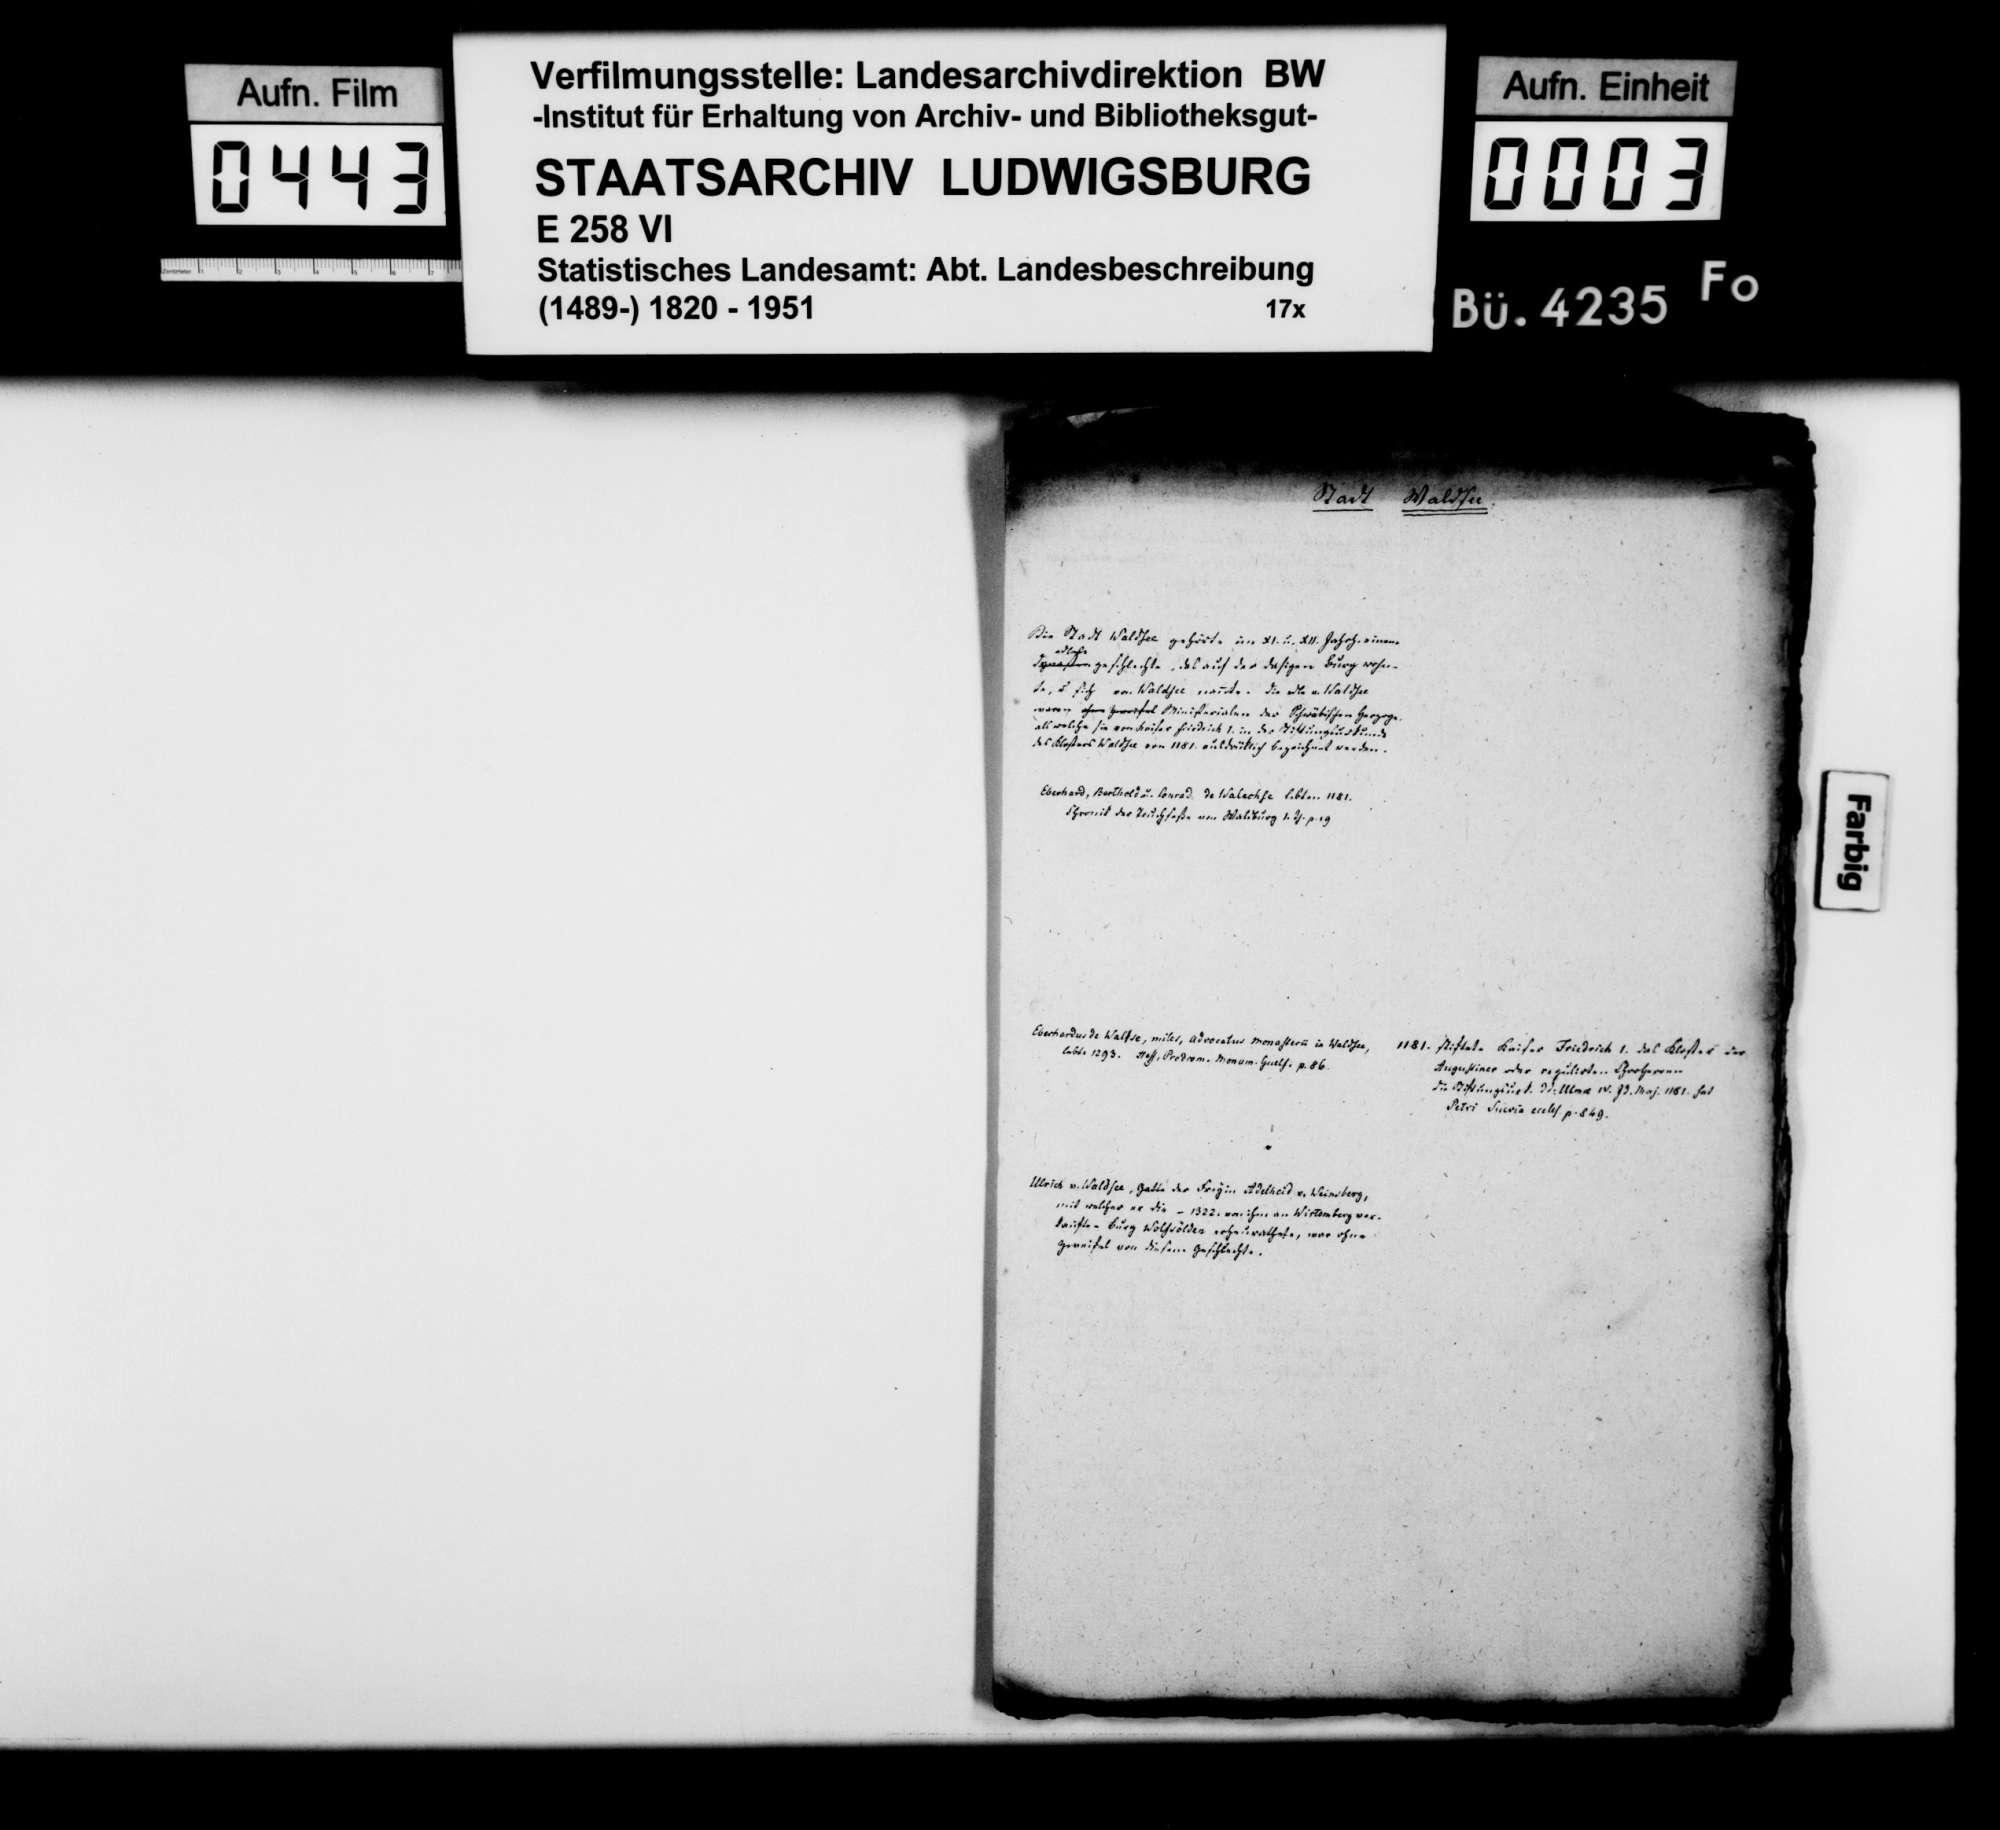 Kollektaneen des Rechtskonsulenten [Karl] von Alberti zur Geschichte des Adels und der Burgen im Oberamt im 11.-19. Jh., Bild 2